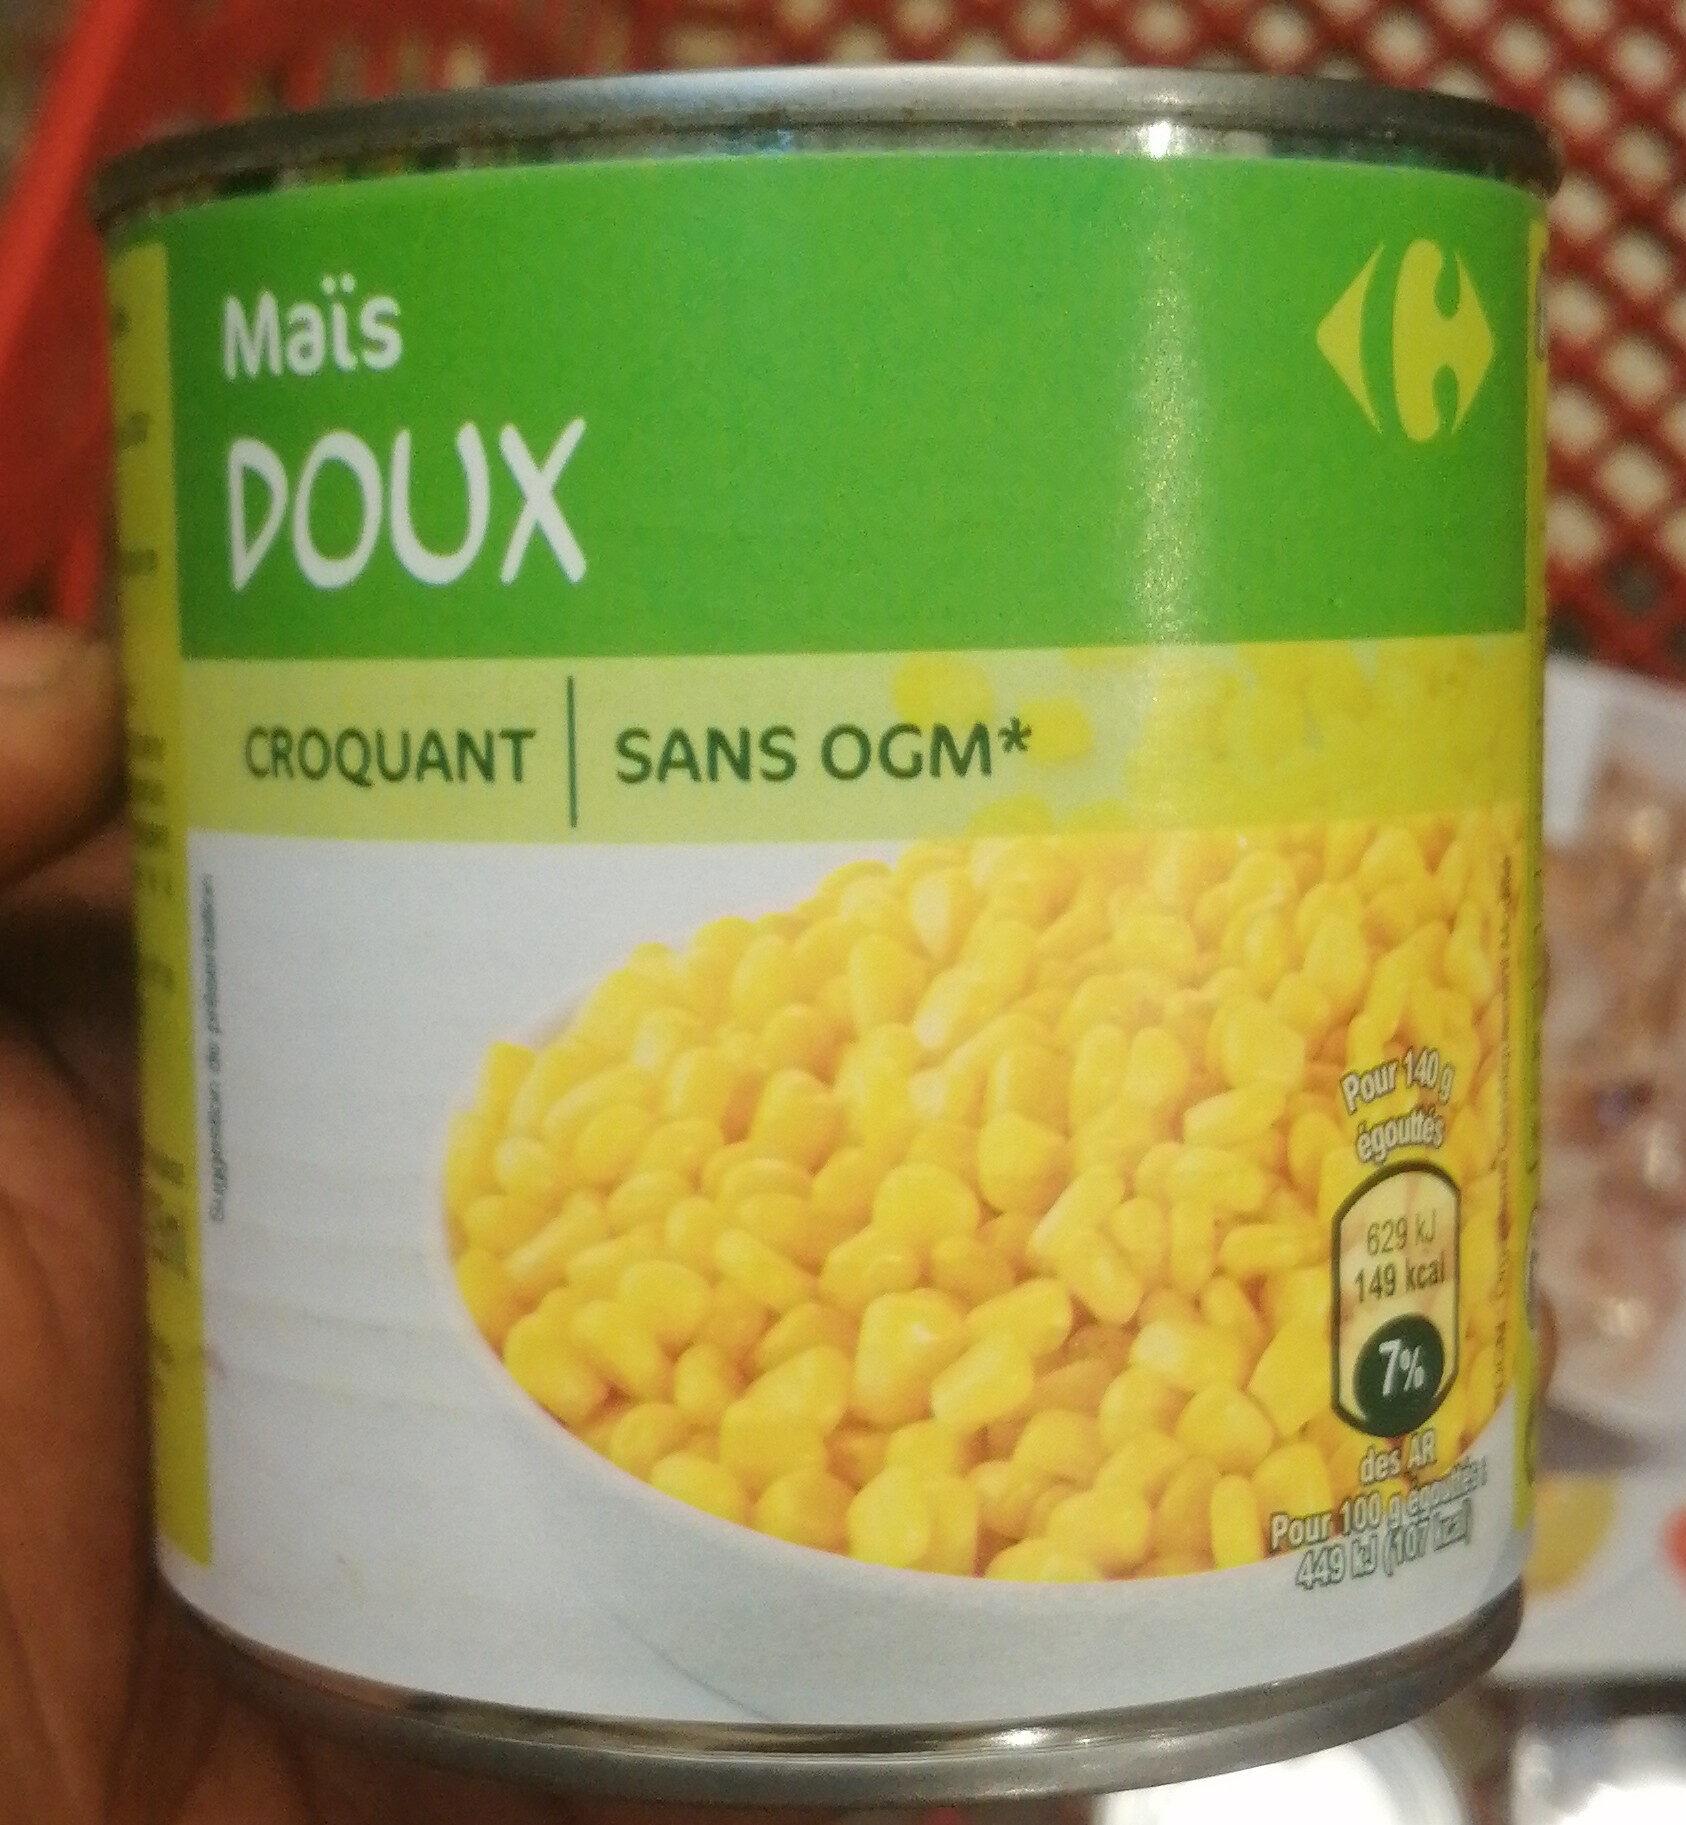 maïs doux croquant - Produit - fr